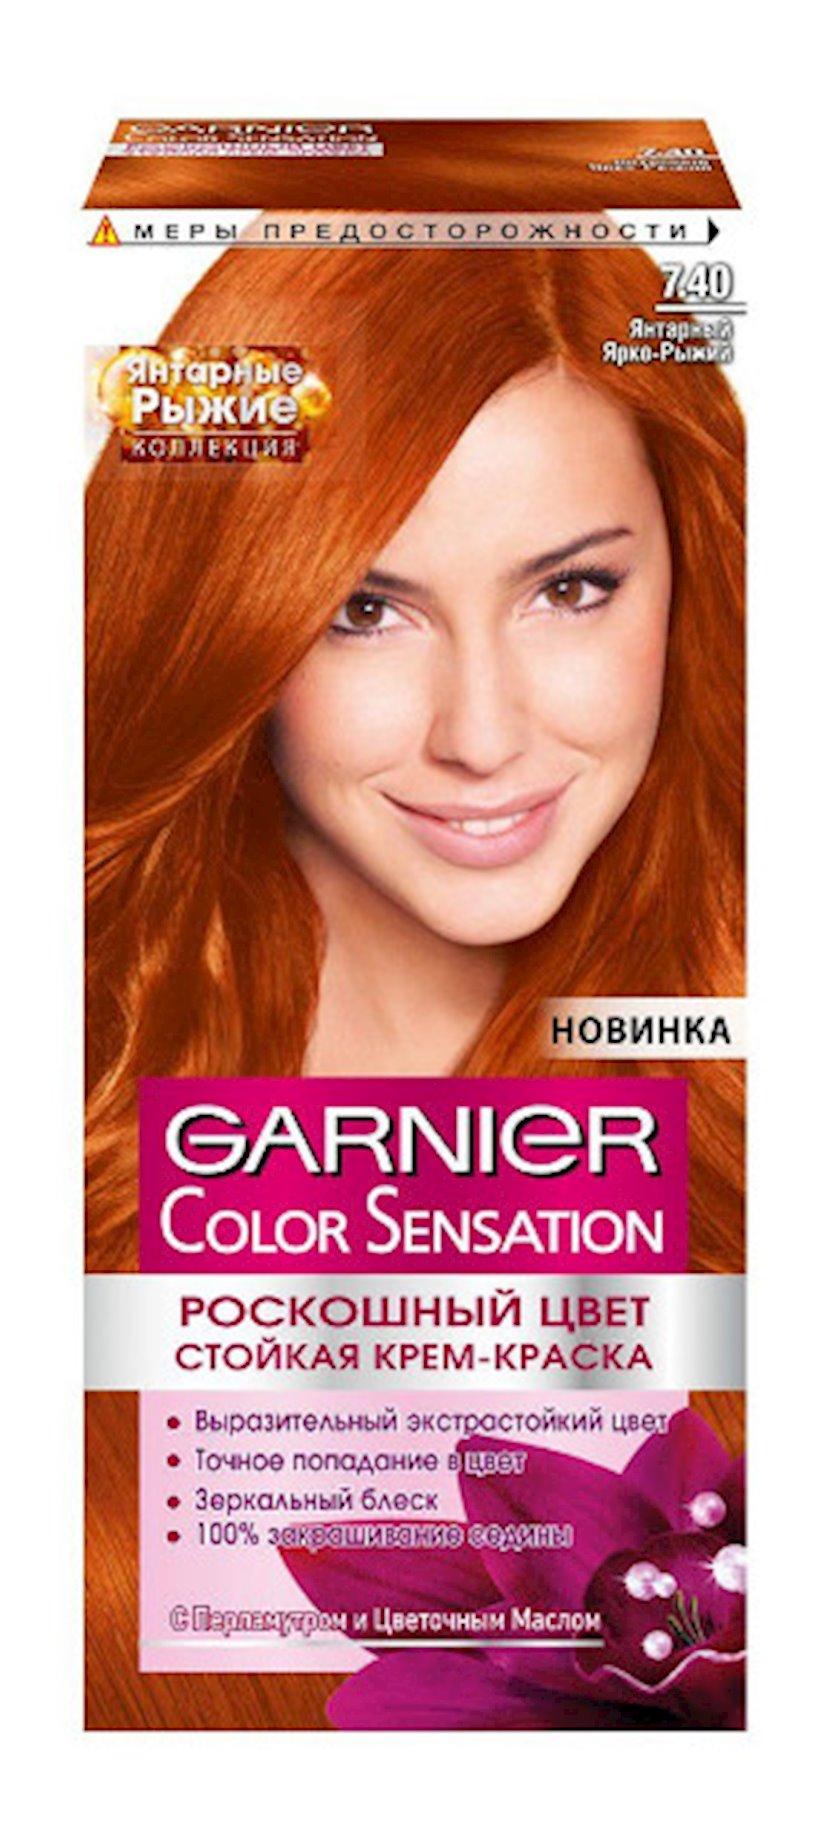 Davamlı qidlandırıcı krem-boya Garnier Color Sensation 7.40 Кəhrəba parlaq kürən 100 ml